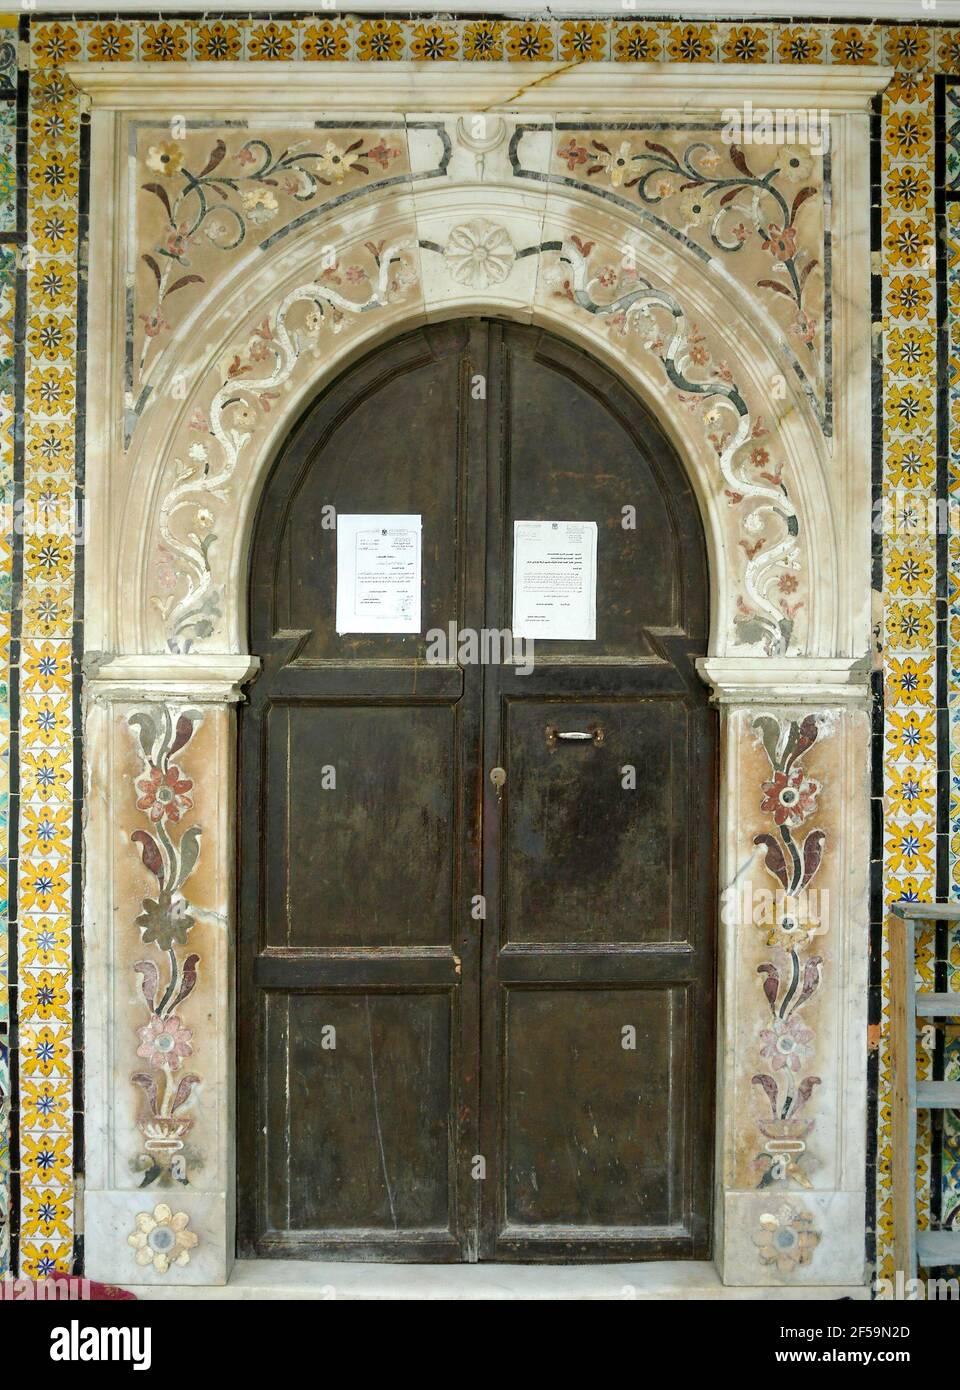 Ingresso ad arco, Moschea Gurgi, Tripoli, Libia Foto Stock